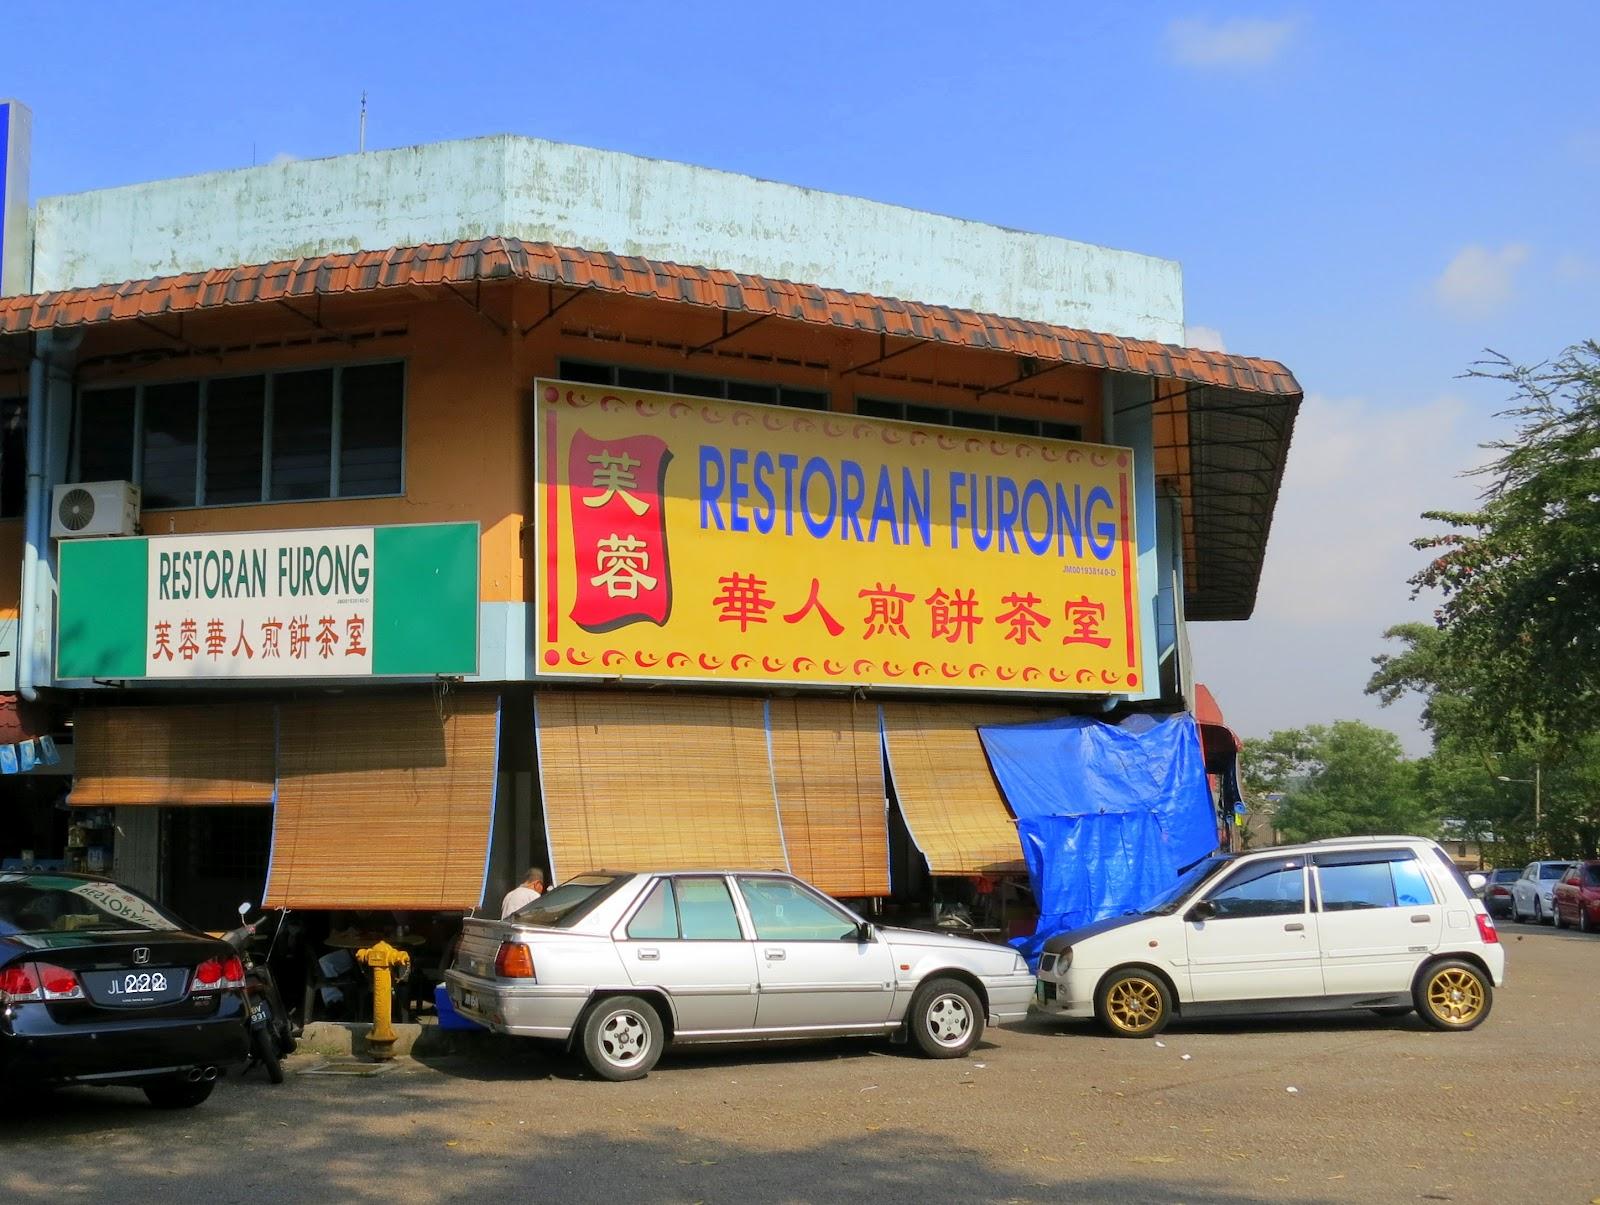 Chinese roti prata canai restoran furong in for Chinese furniture johor bahru